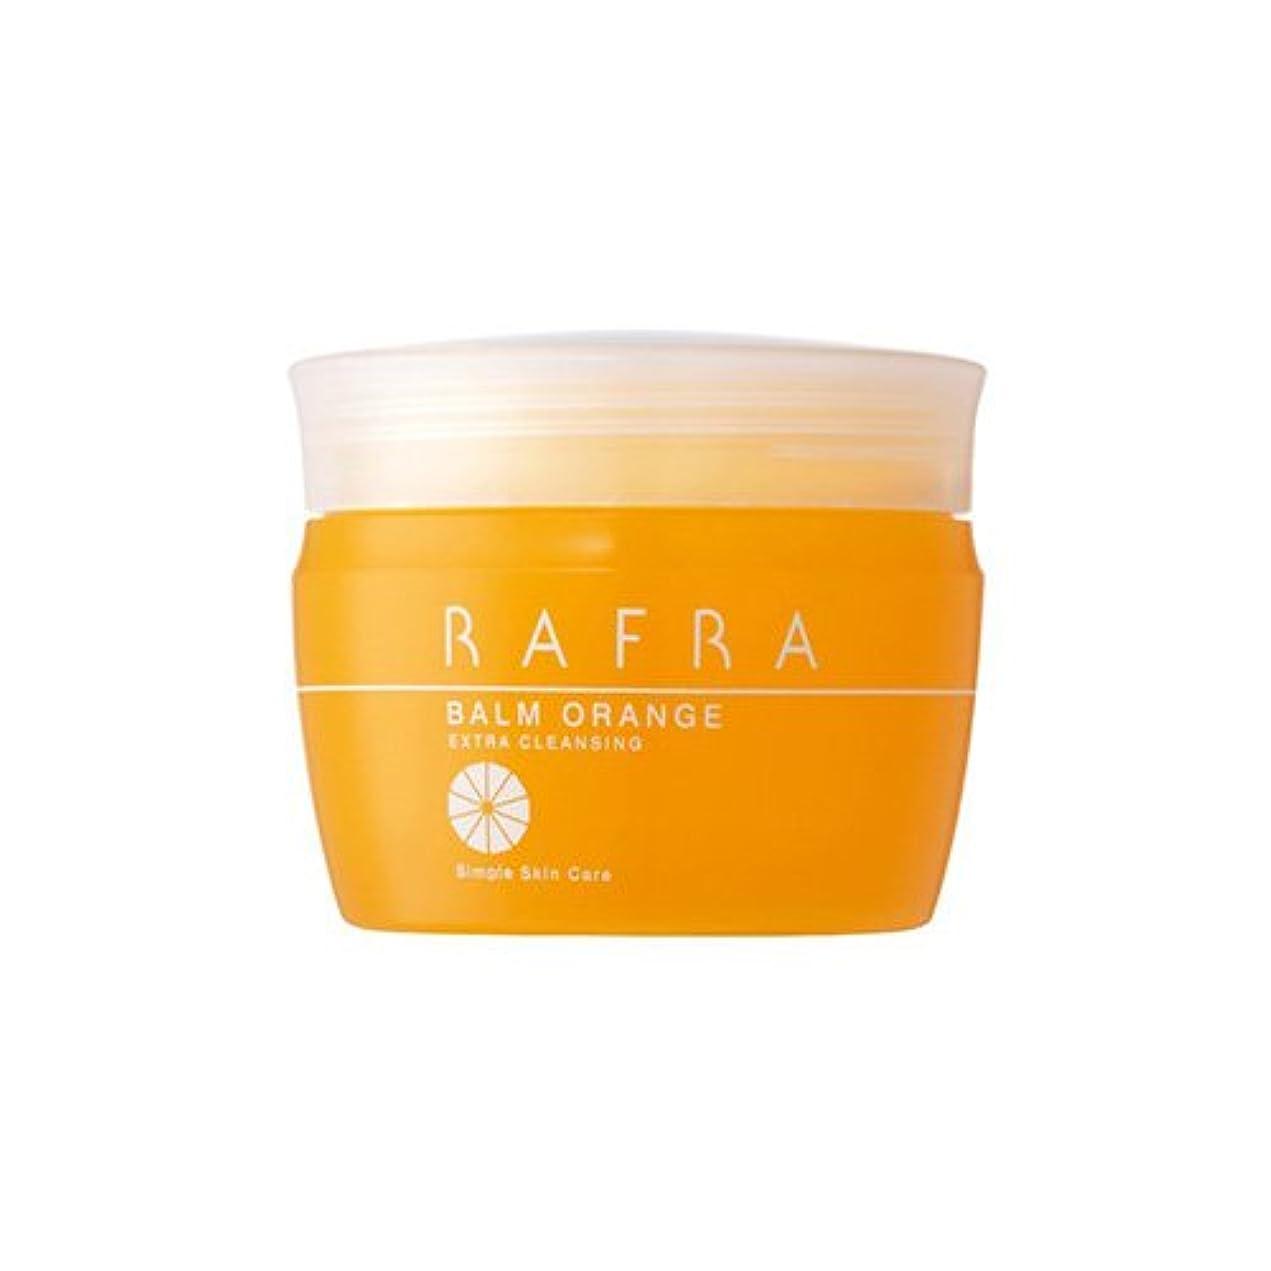 細分化する喜んで見つけたレノアジャパン RAFRA(ラフラ) バームオレンジ 100g